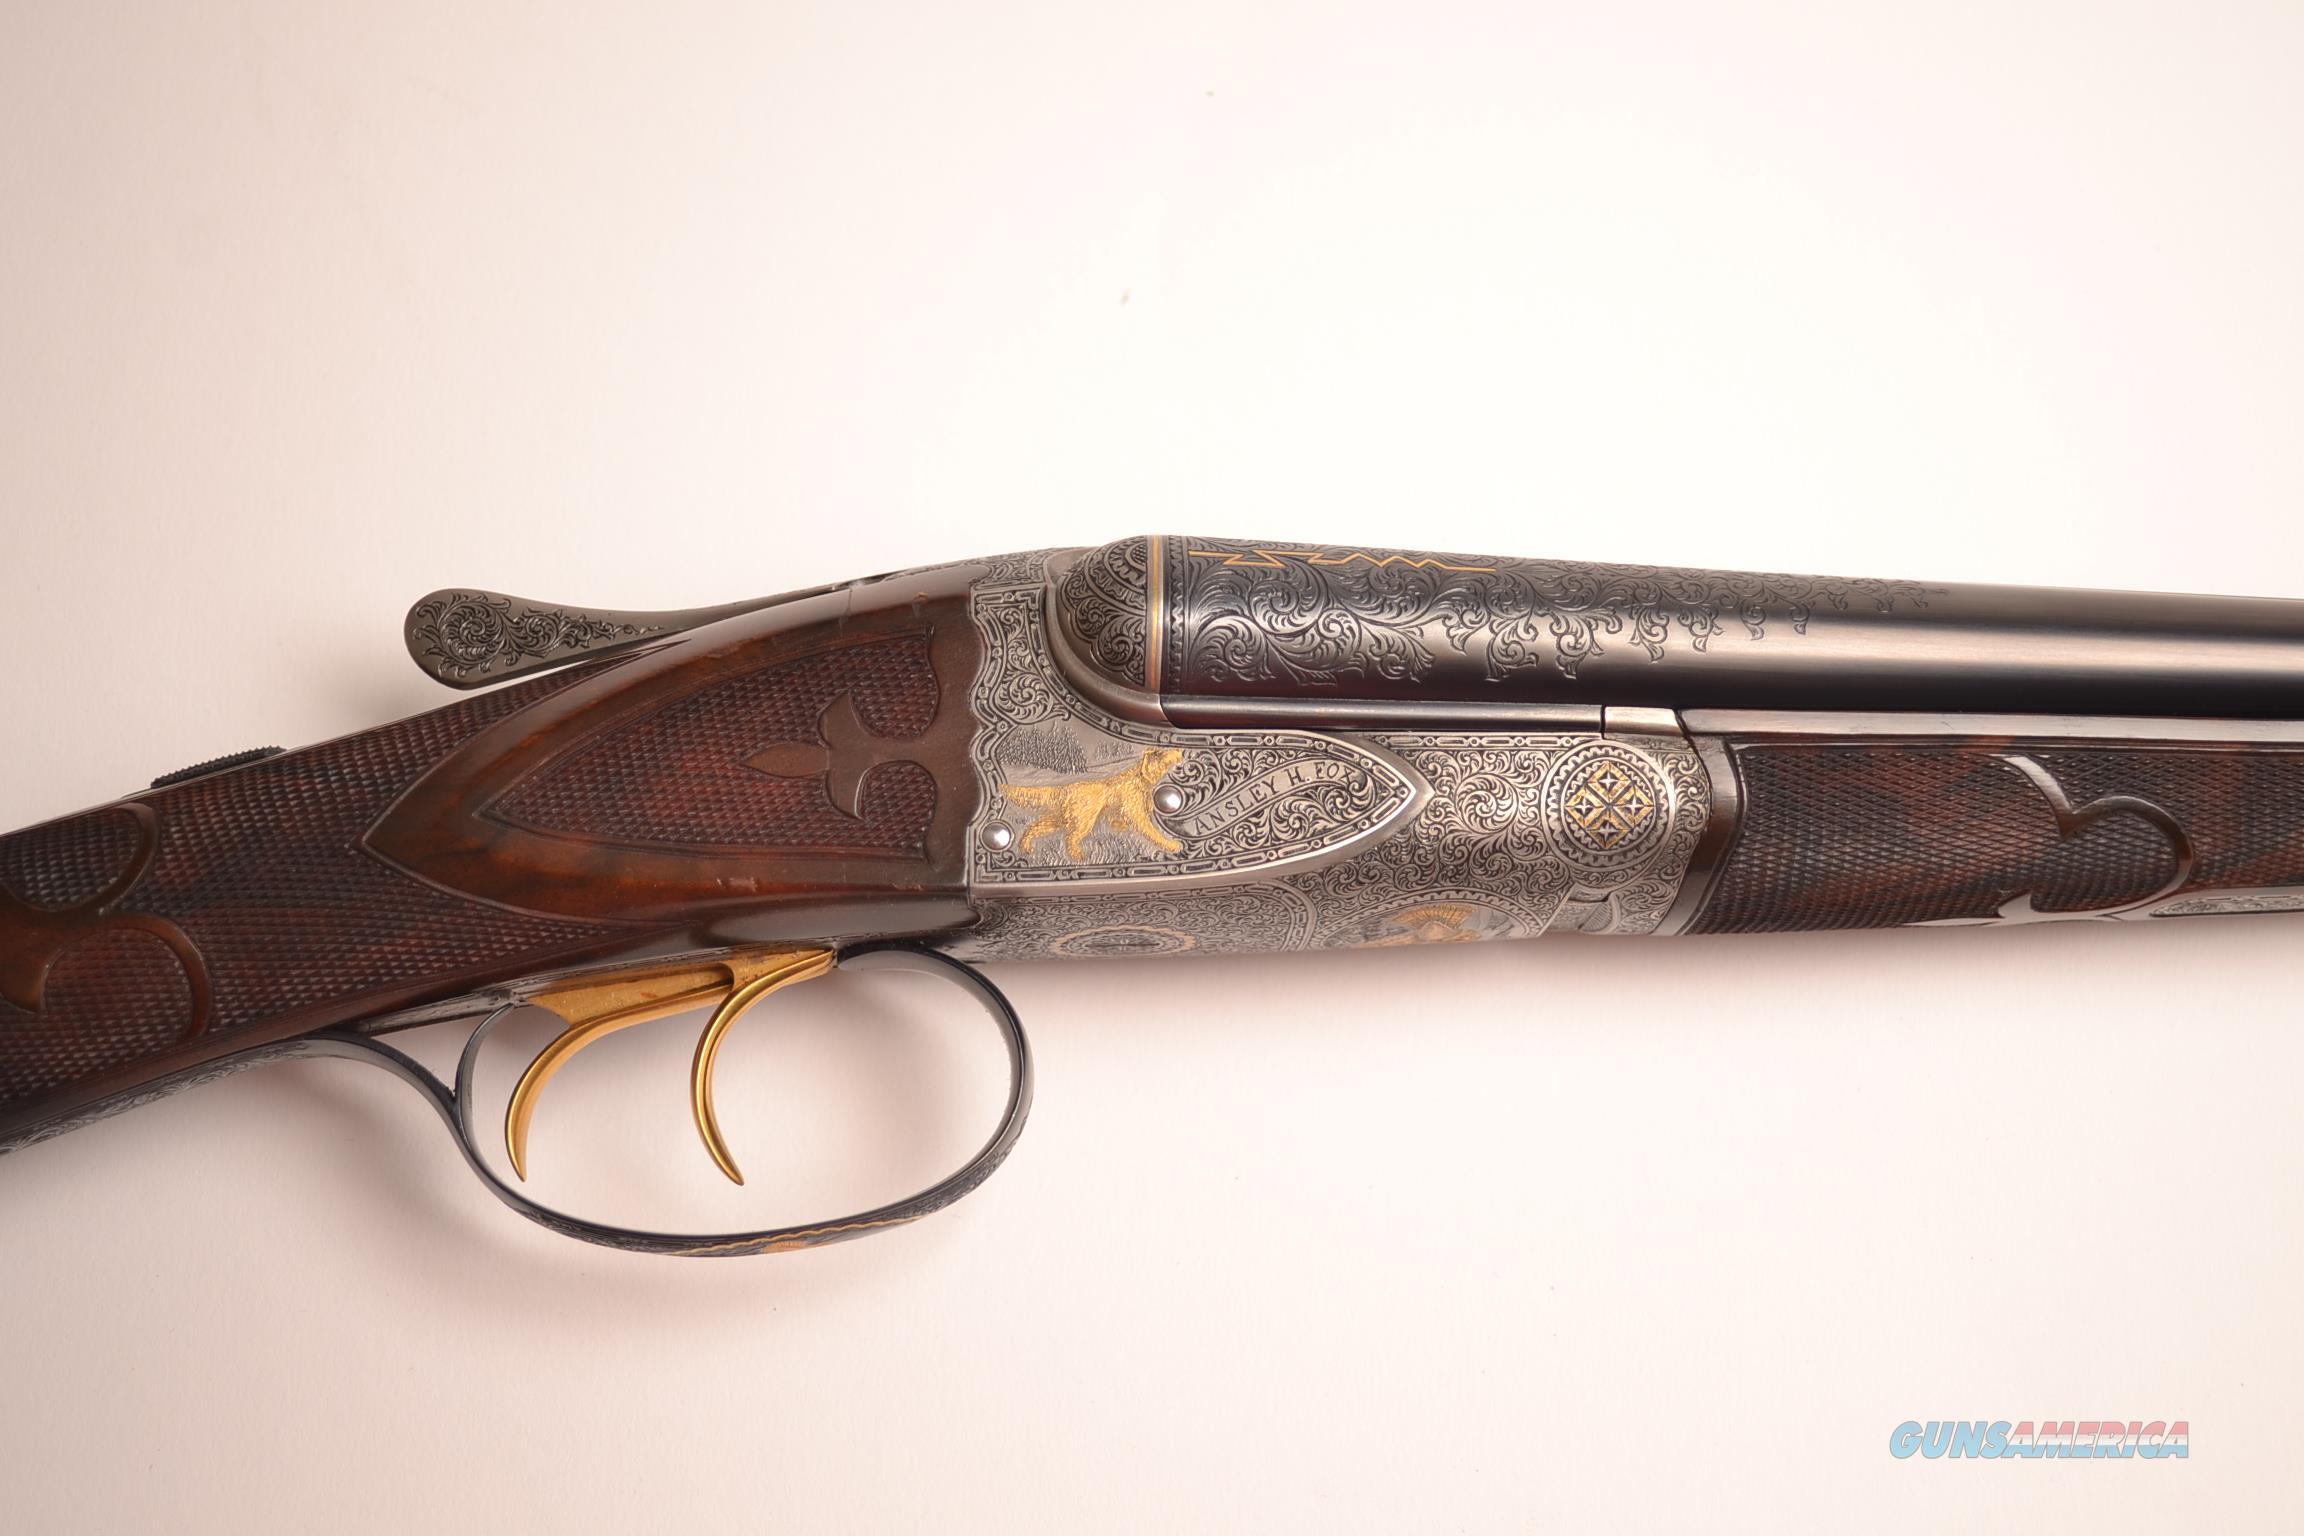 CSMC - Fox FE  Guns > Shotguns > Connecticut (Galazan) Shotguns